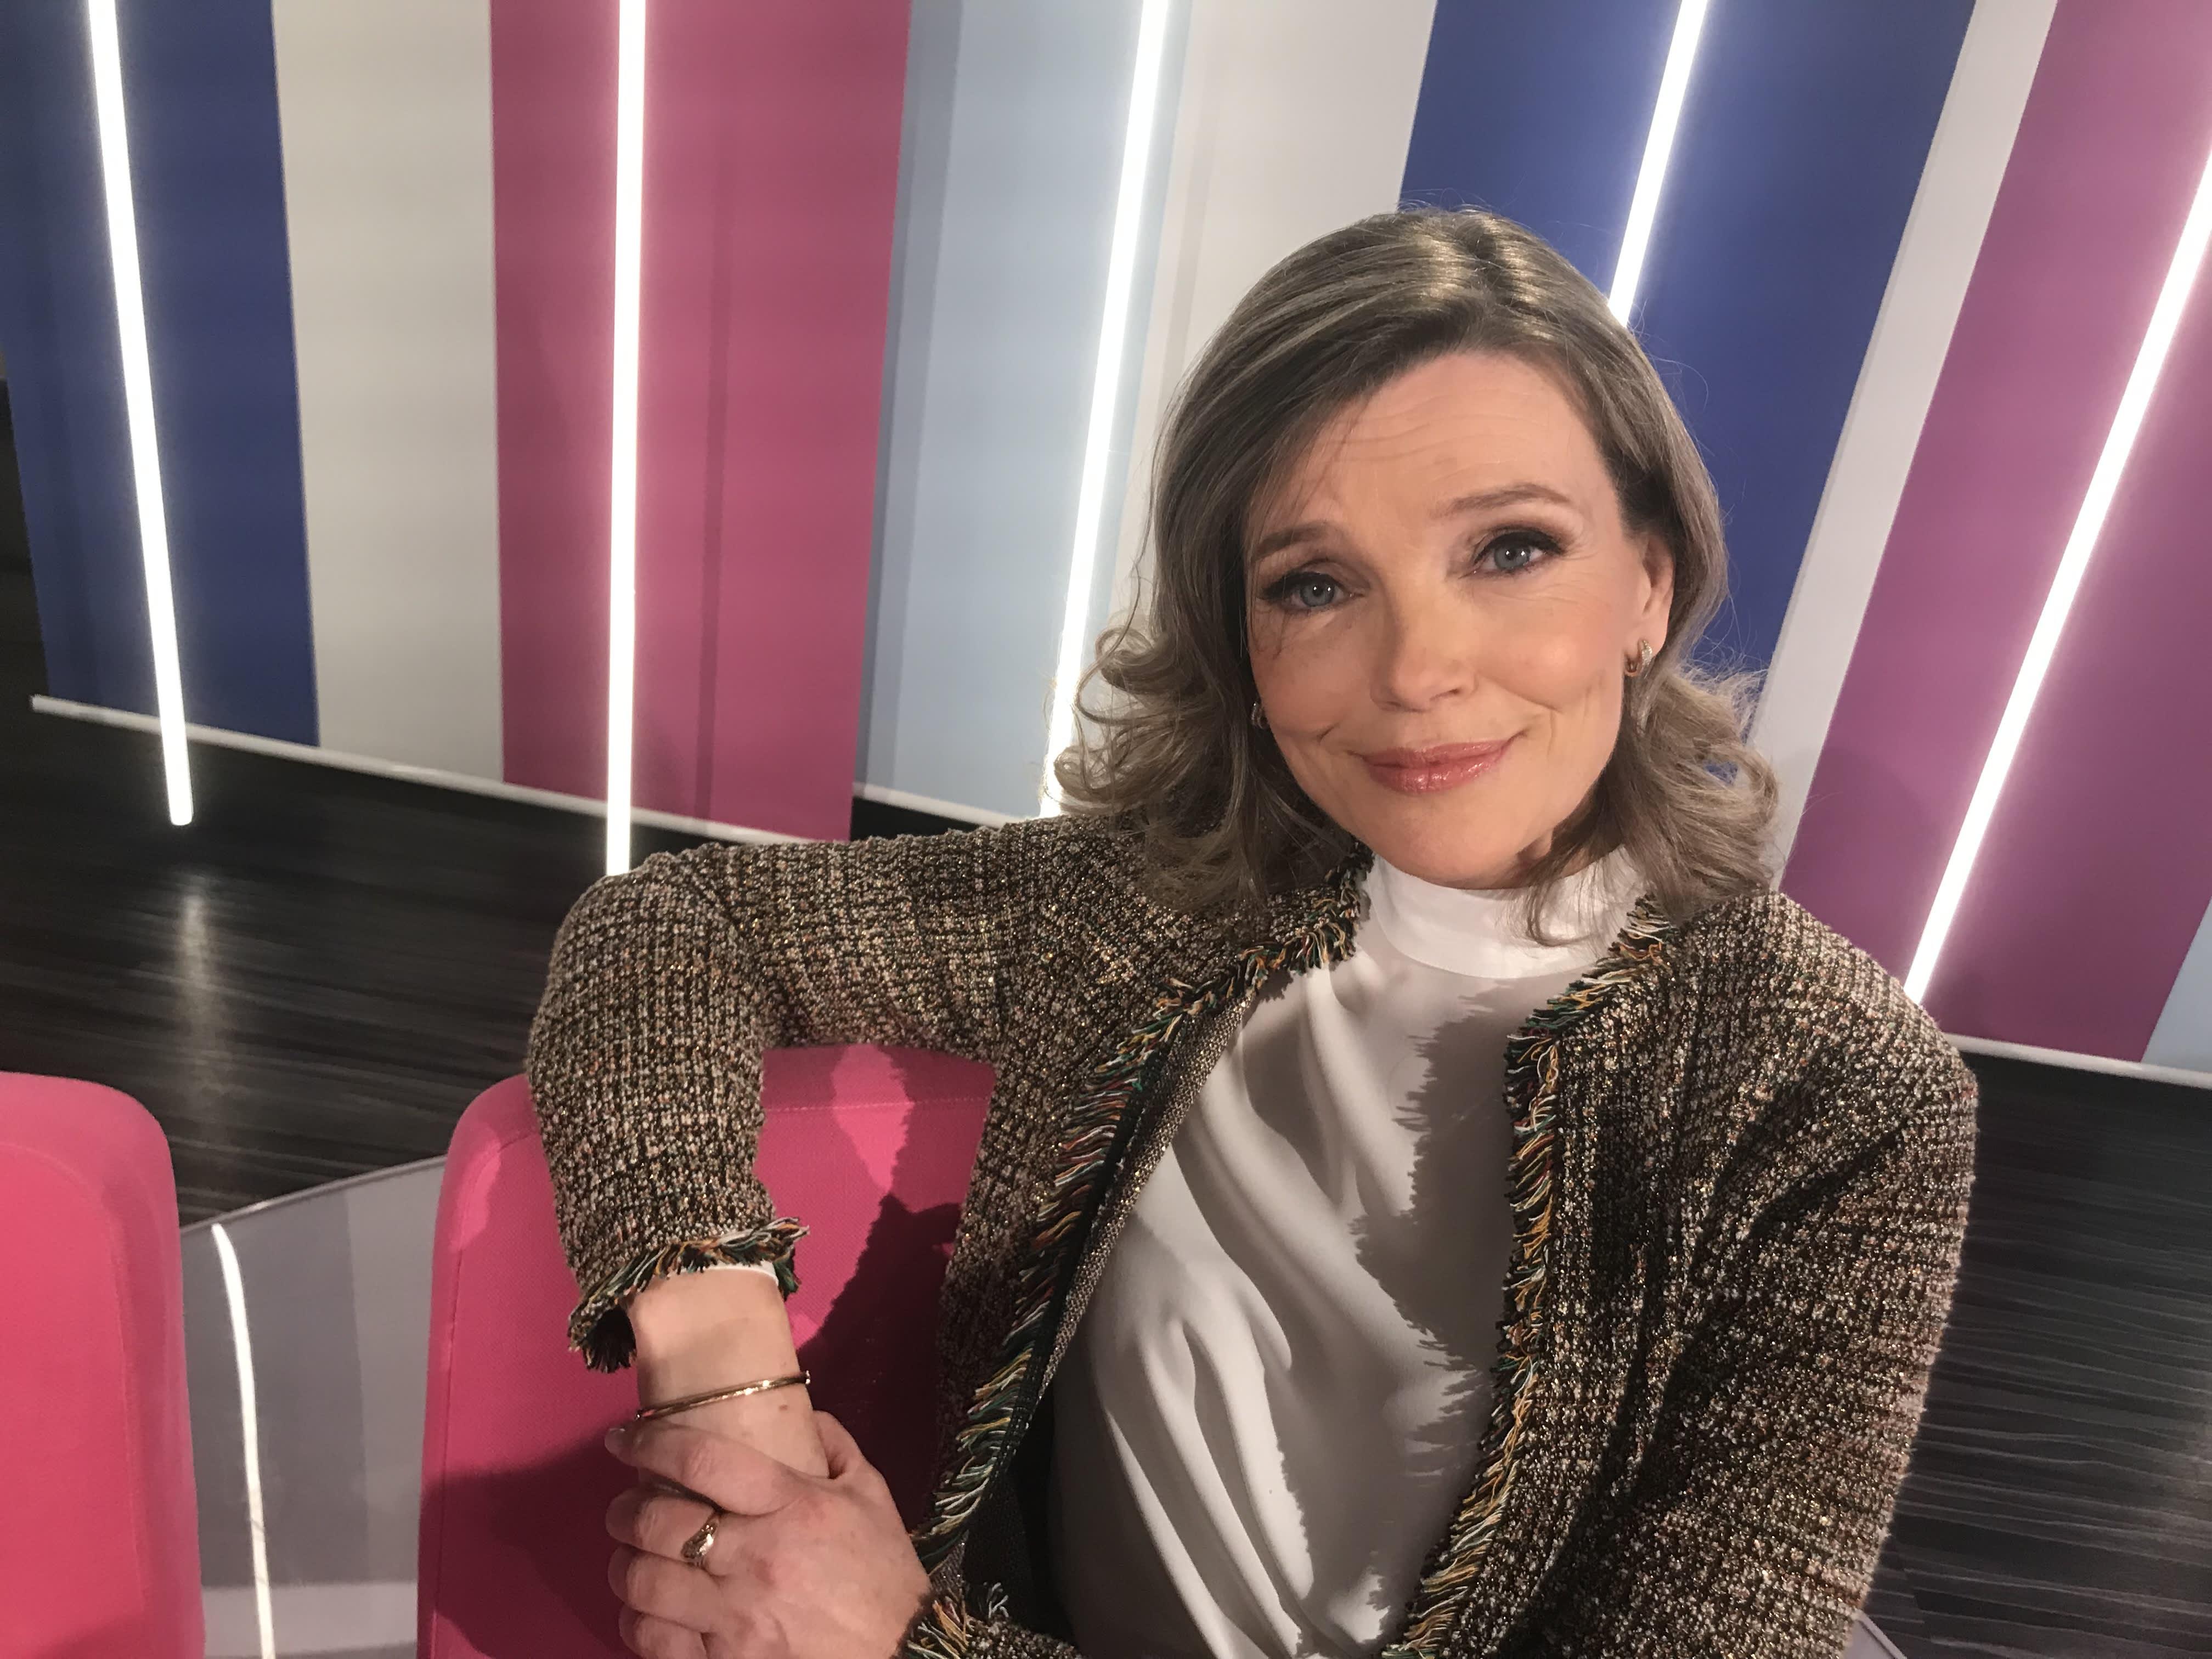 Ohjaaja ja laulaja Anu Hälvän toinen gradu on pian valmis